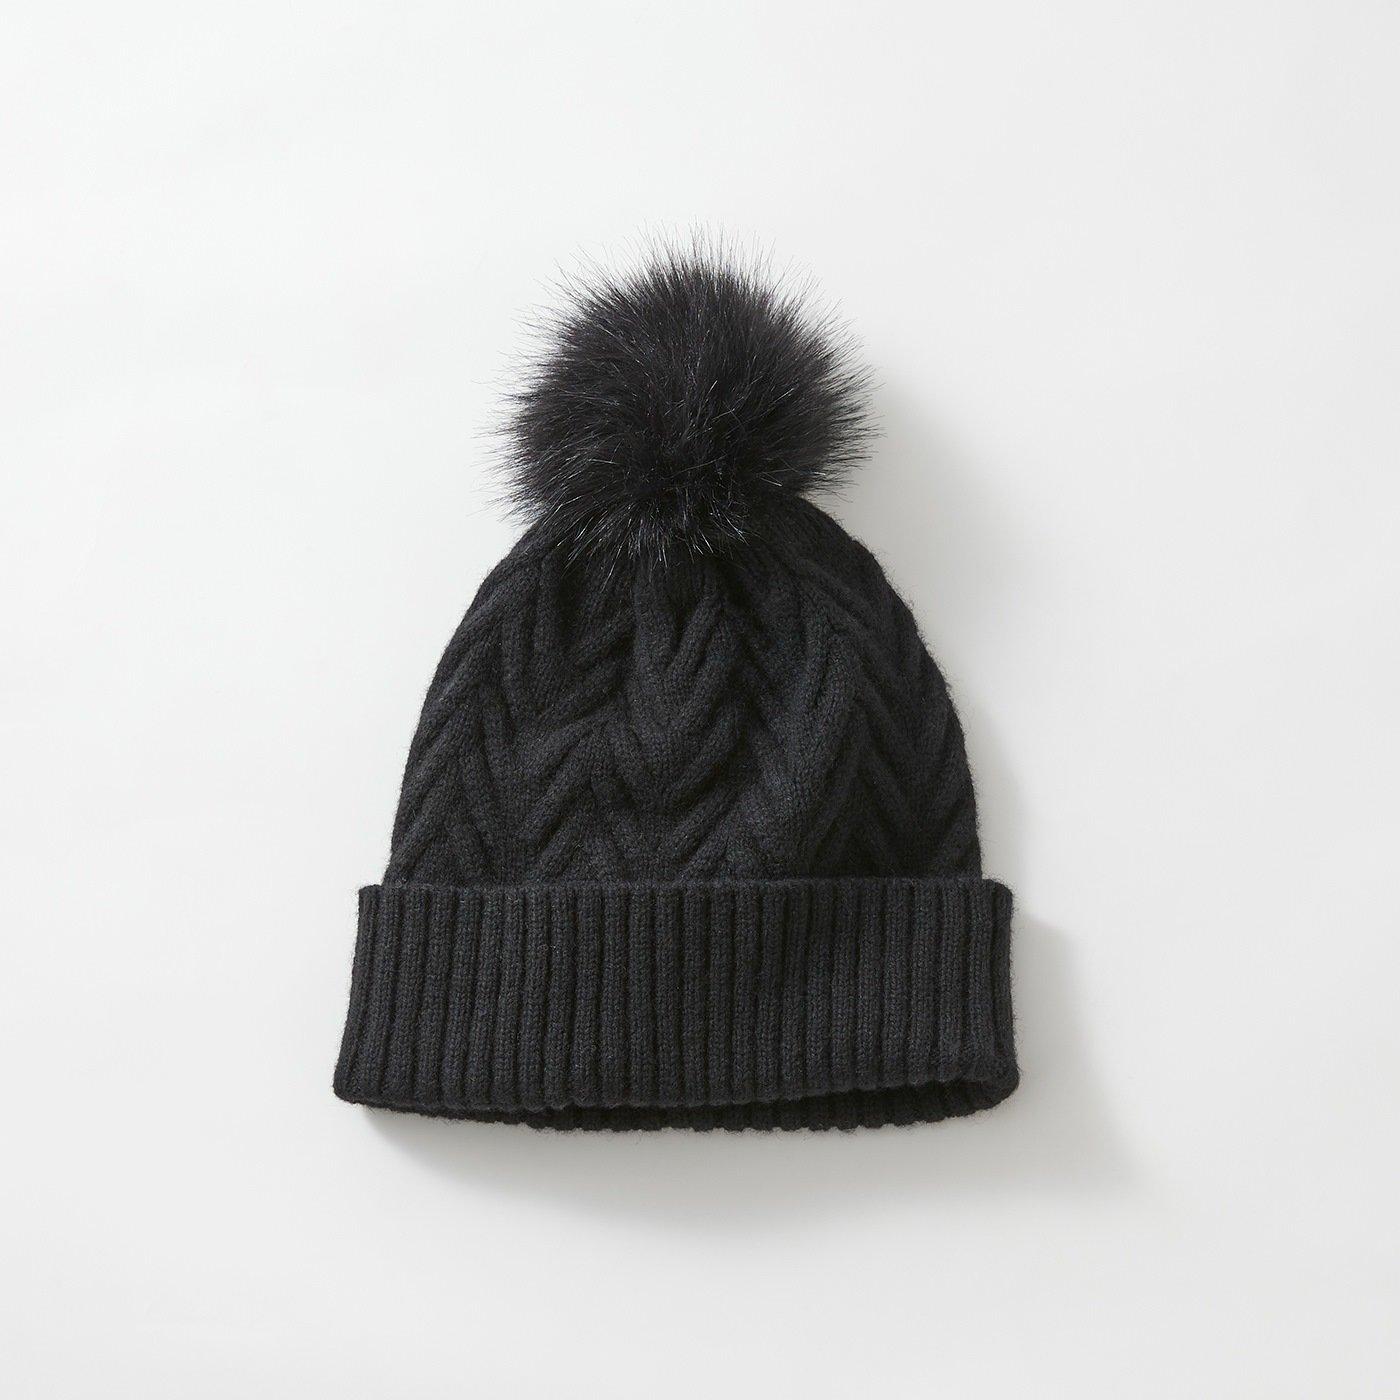 odds ポンポンニット帽〈黒〉